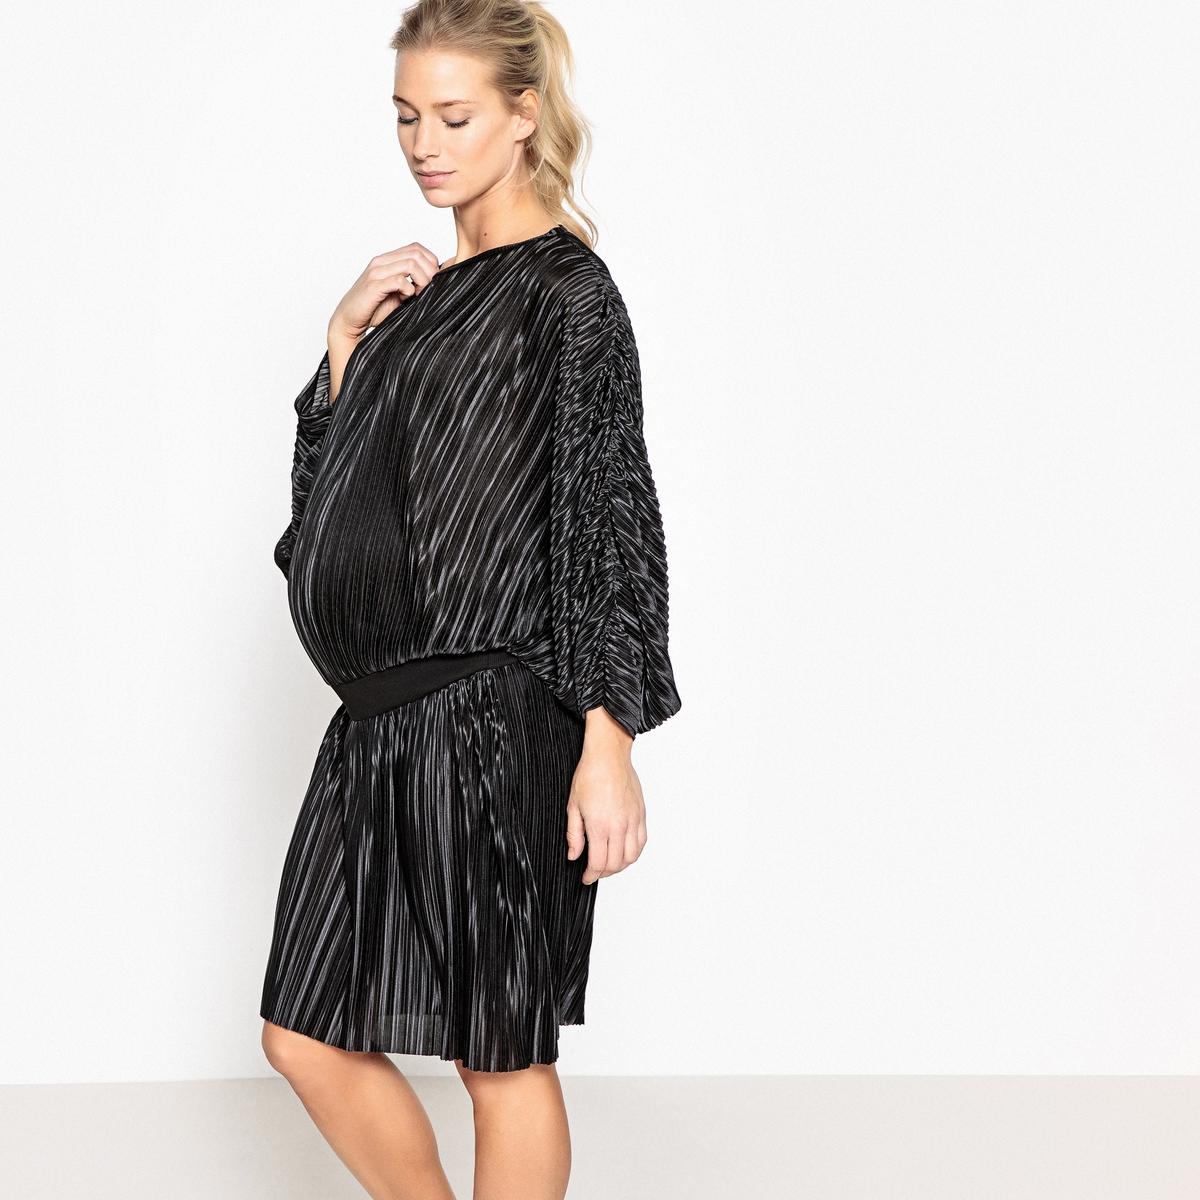 Платье для периода беременности с плиссировкой на эластичном поясеОписание:Детали •  Форма : расклешенная •  Длина до колен •  Короткие рукава    •  Вырез-лодочкаСостав и уход •  100% полиэстер •  Следуйте советам по уходу, указанным на этикеткеМодель адаптирована для периода беременности •  Длина  : 94 см<br><br>Цвет: черный